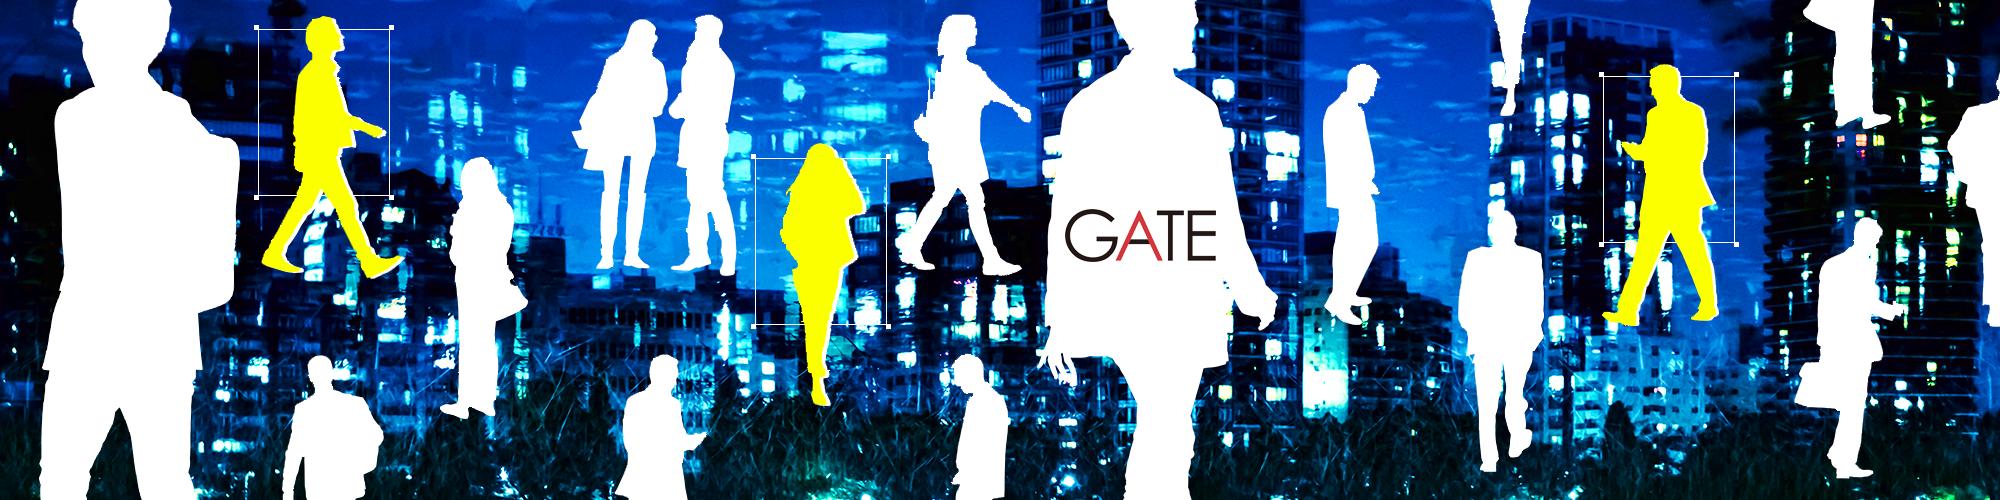 DSP広告『ゲート』